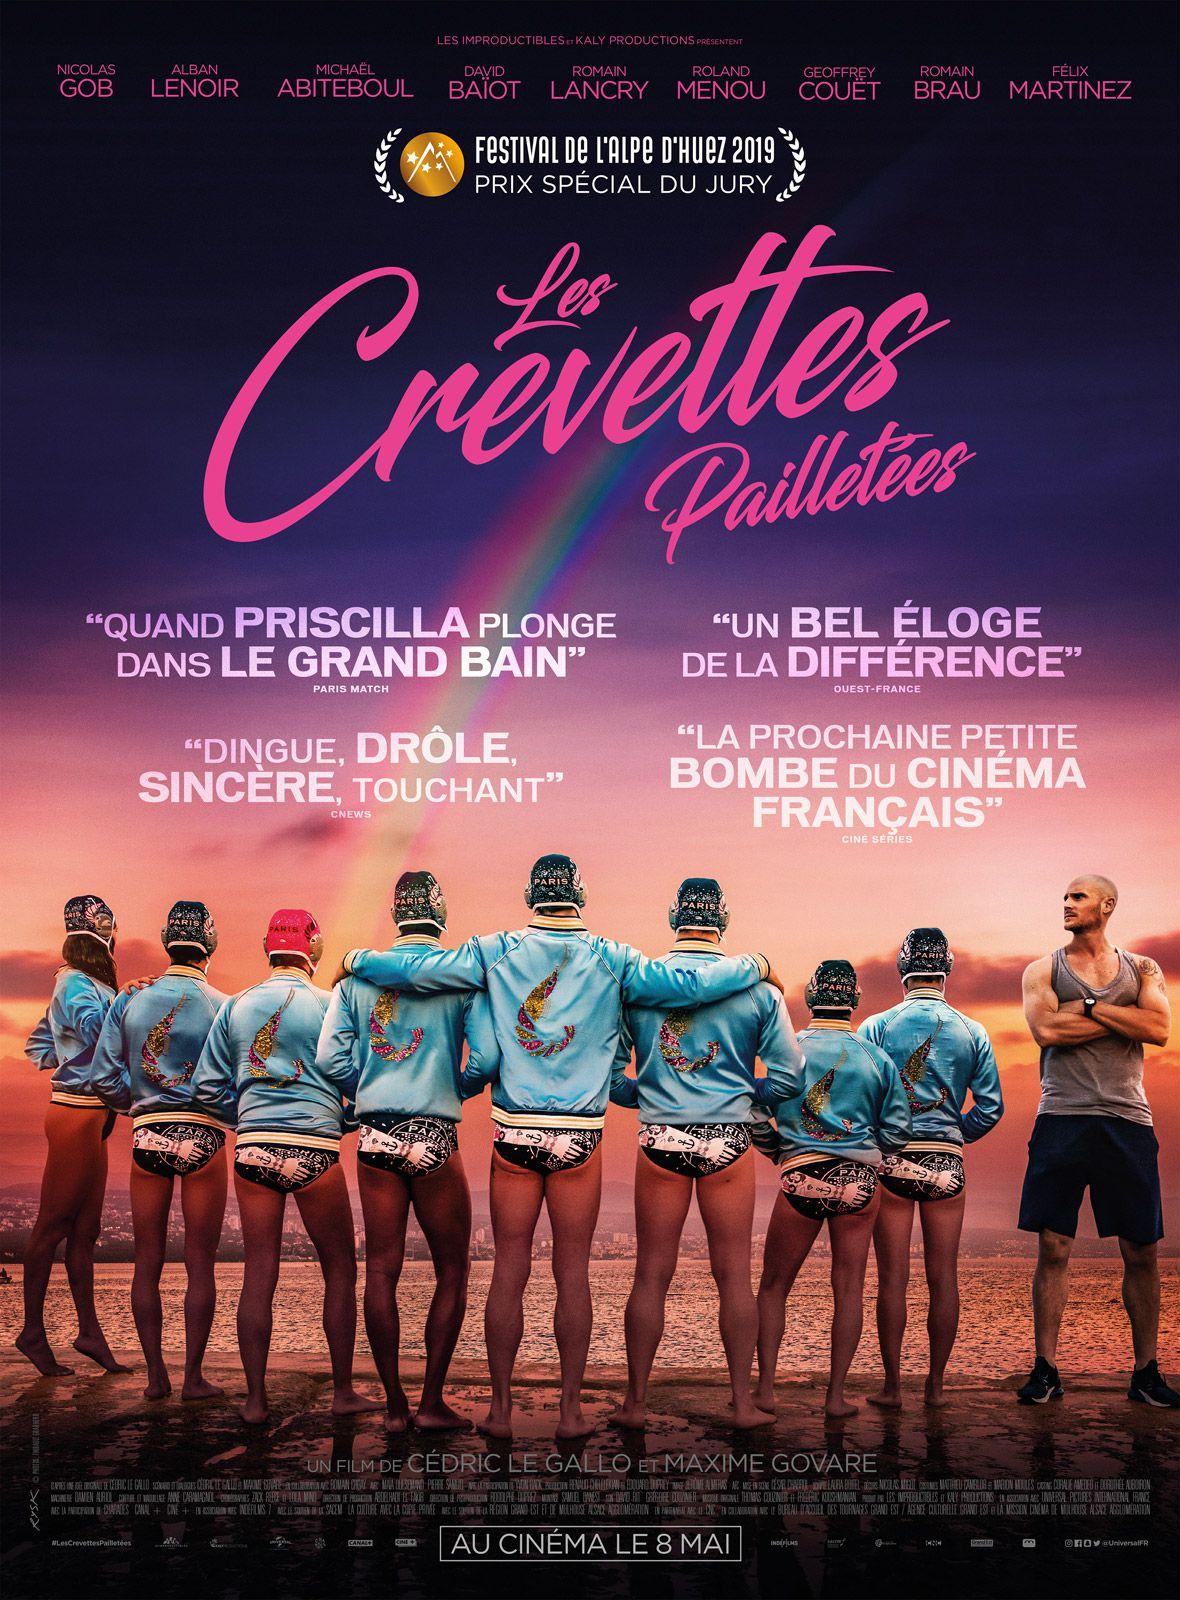 Les Crevettes pailletées - Film (2019)